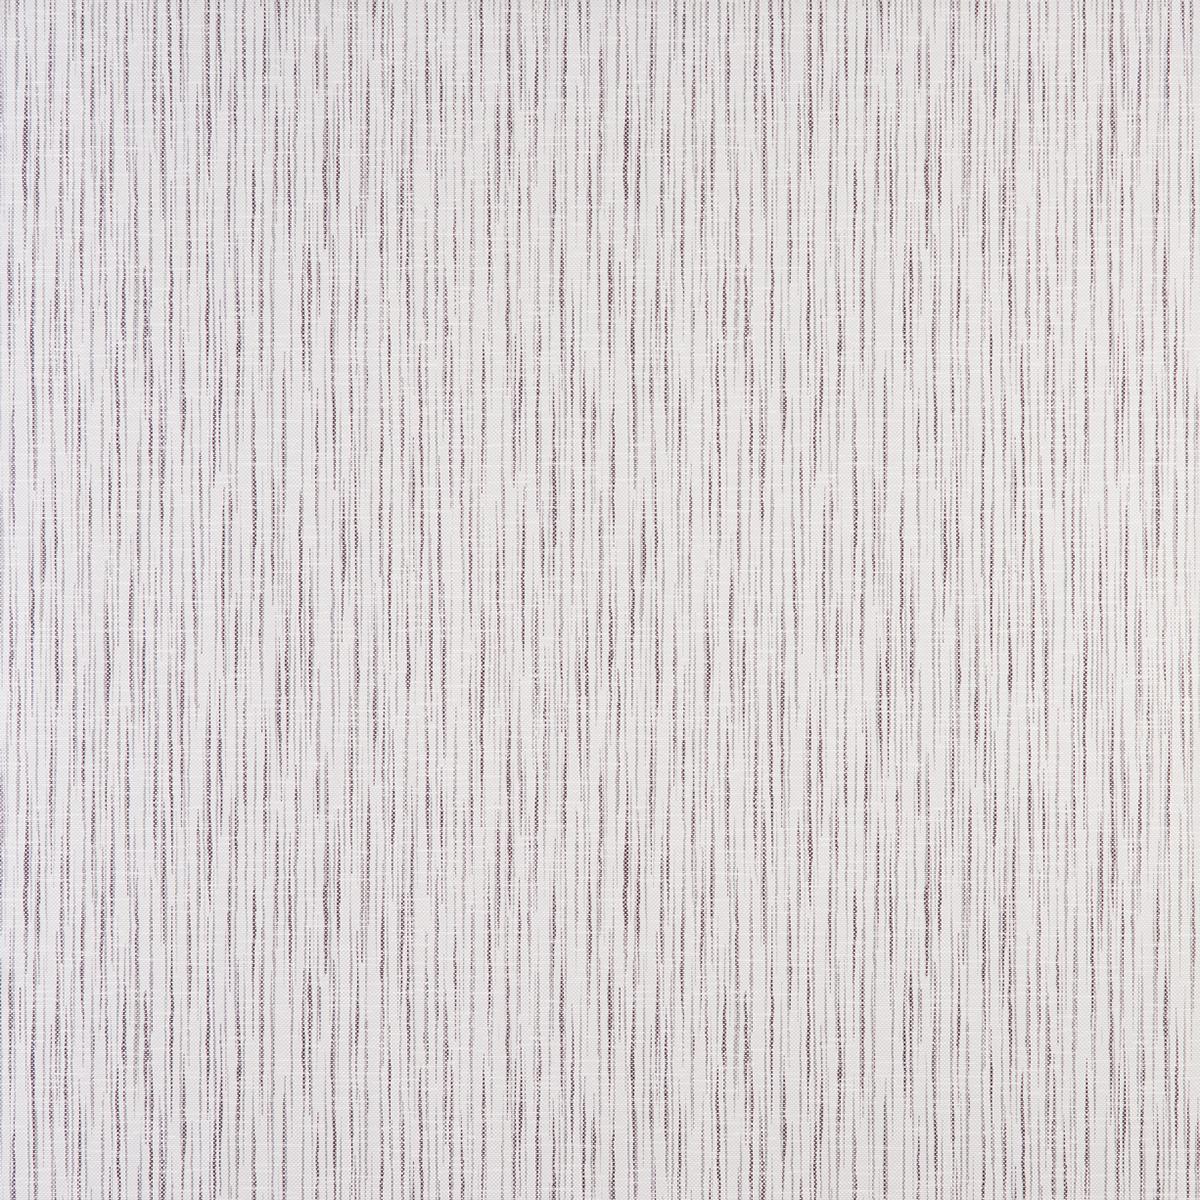 тапет Бестселър 3 рески сиво